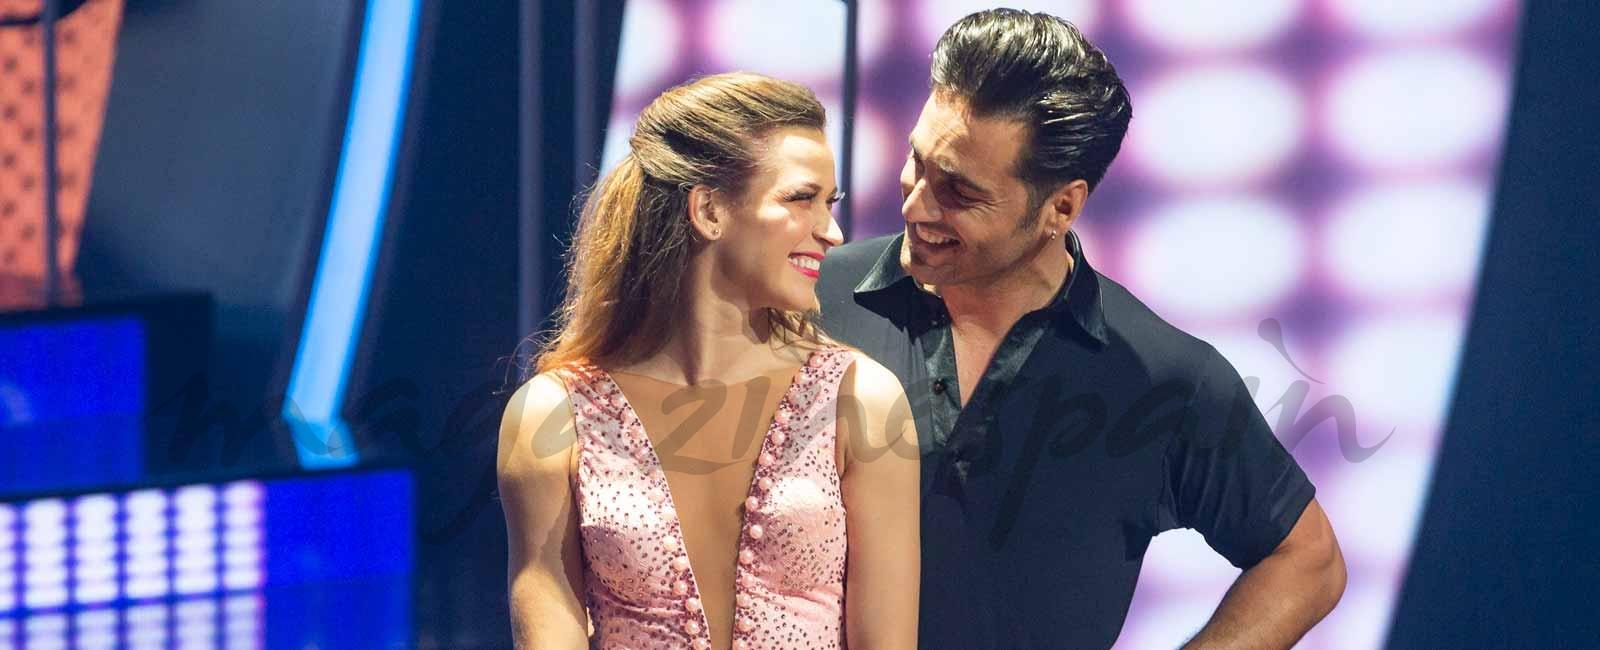 """Las románticas imágenes de David Bustamante y Yana Olina a lo """"Dirty Dancing"""""""